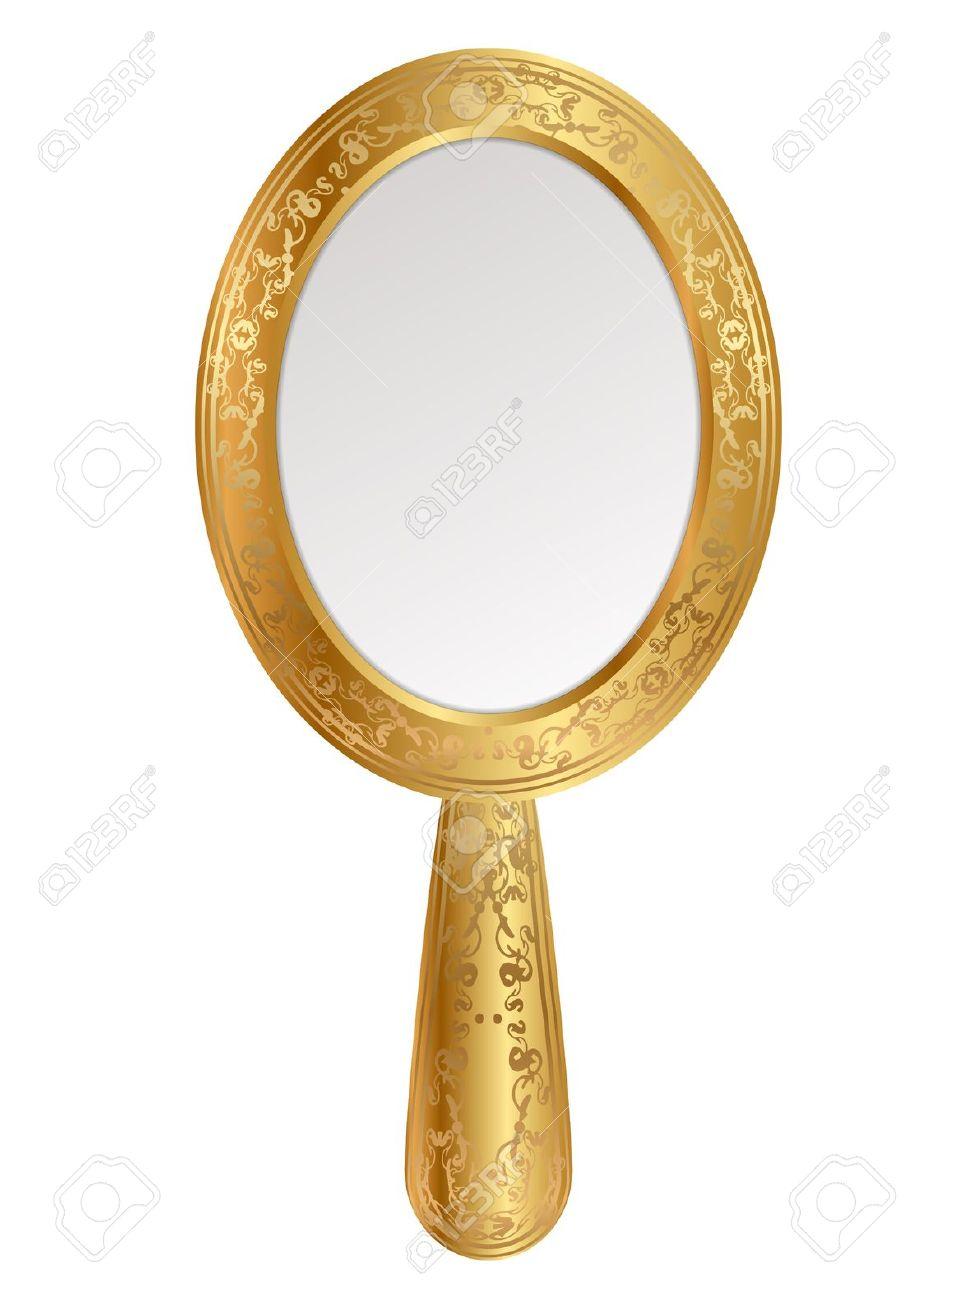 Mirror clipart - Clipground Vintage Hand Mirror Clip Art